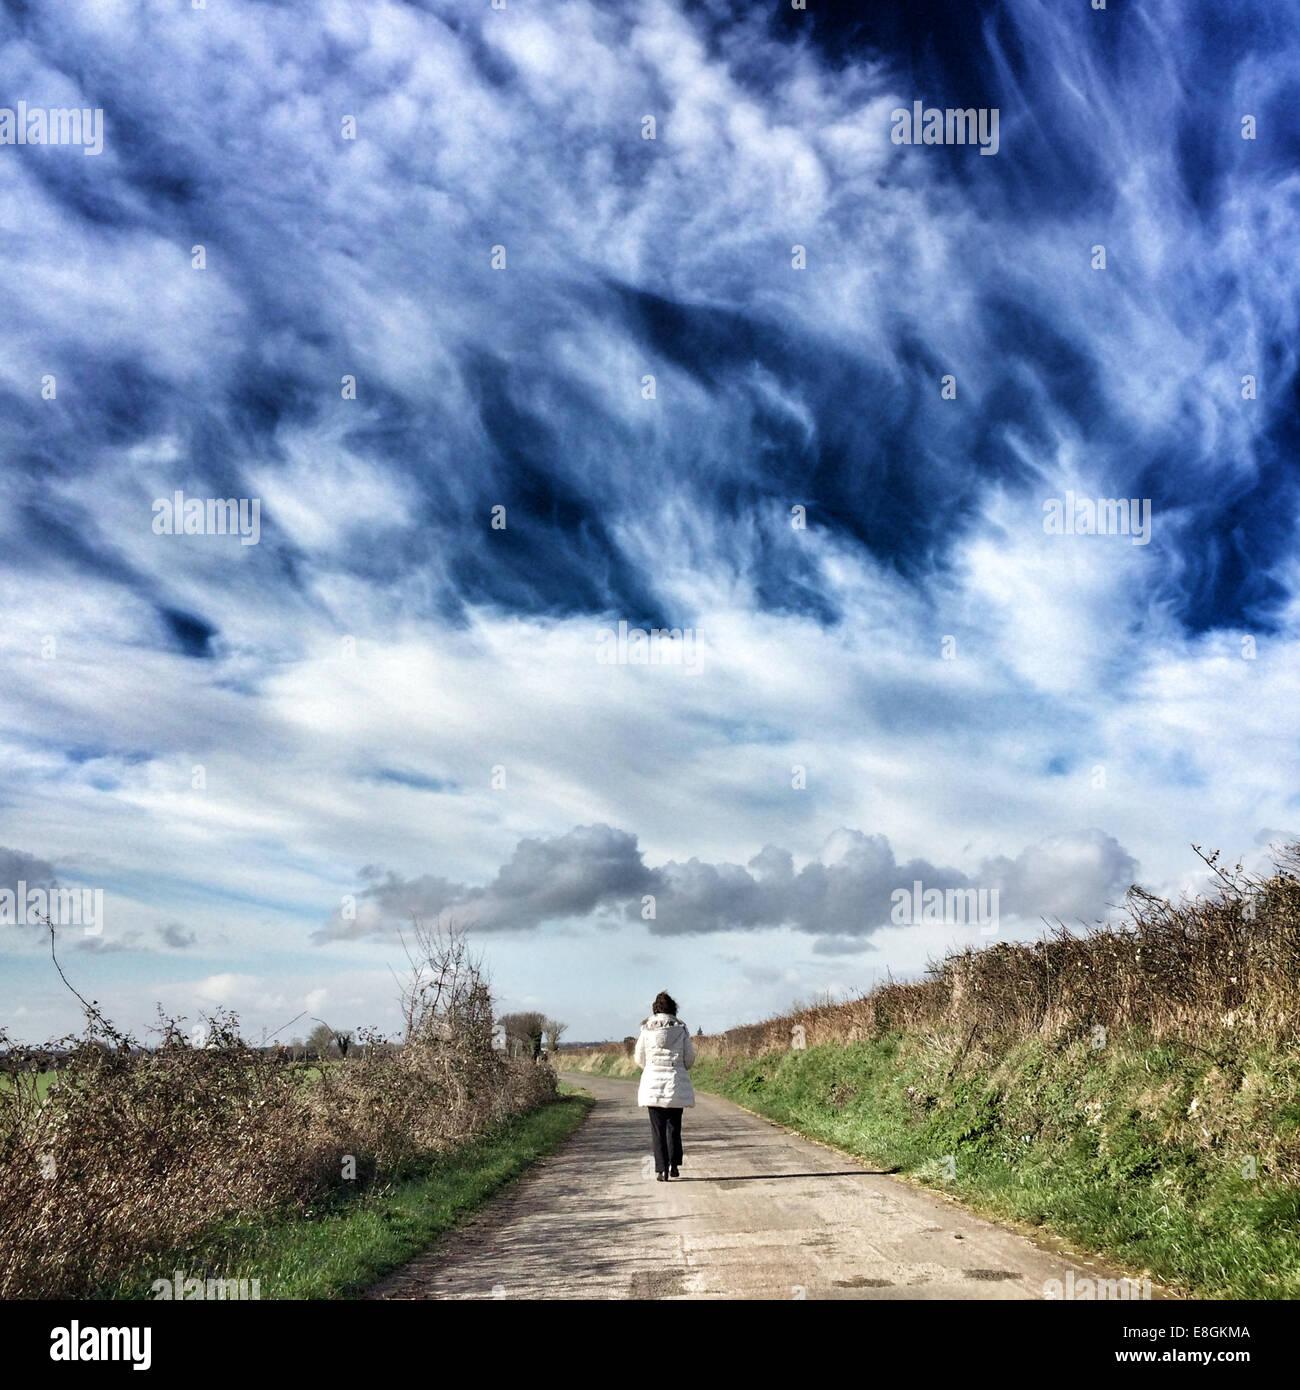 Woman walking down path Photo Stock